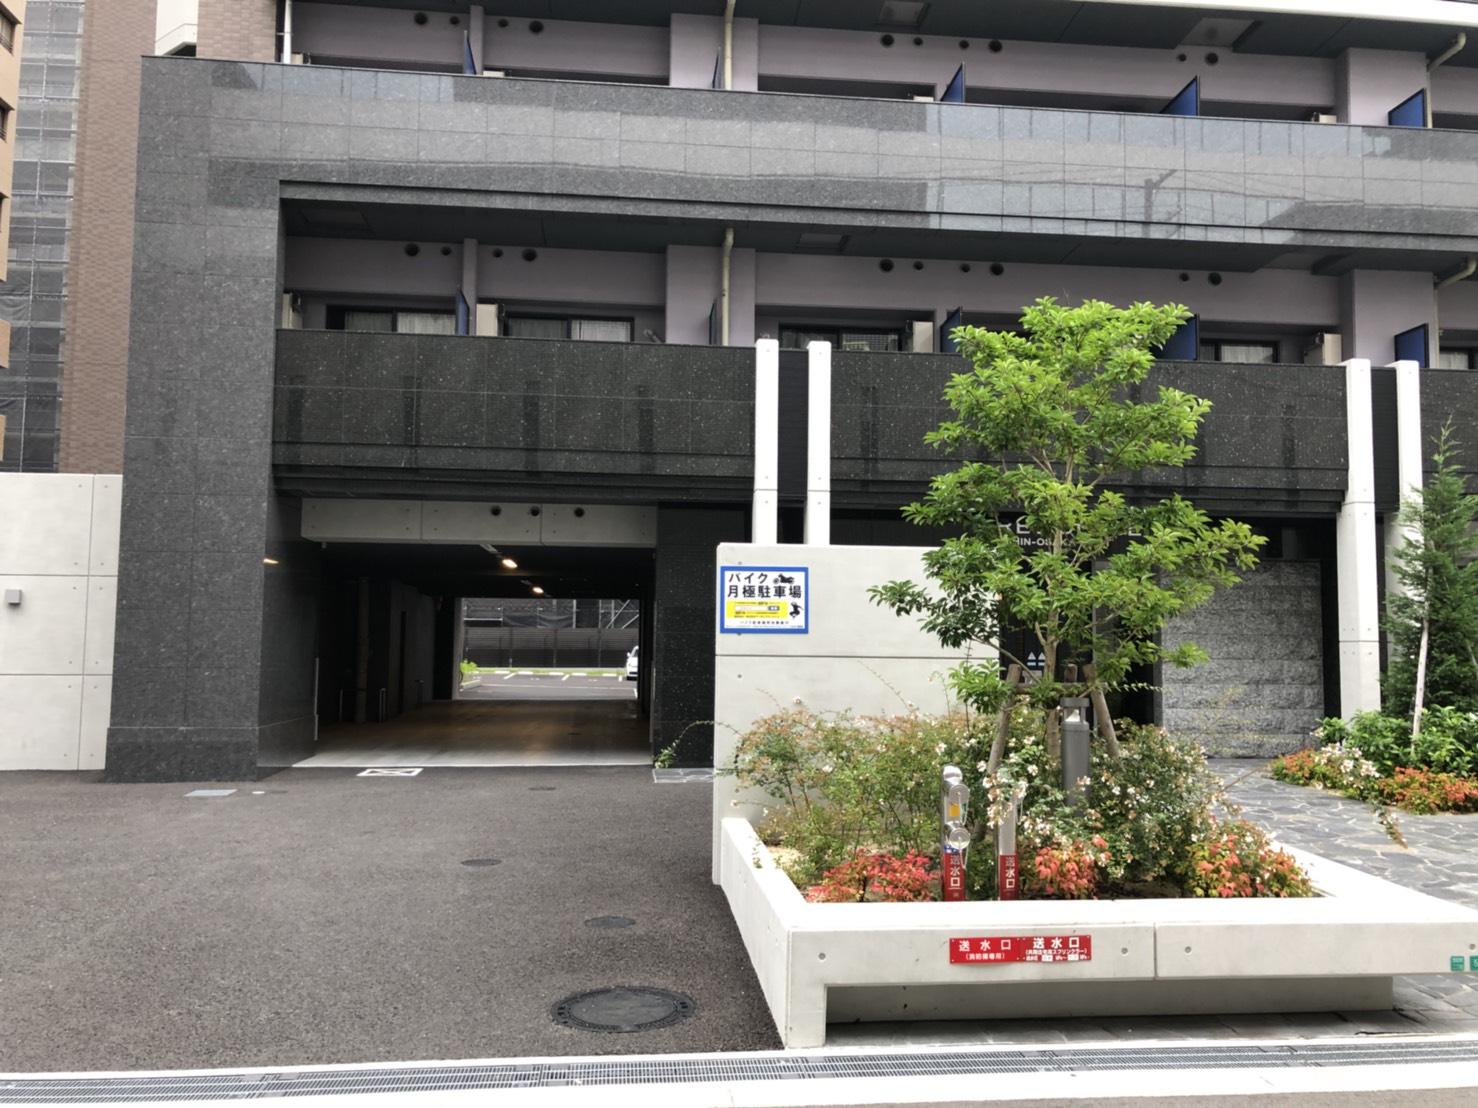 月極駐車場 S-RESIDENCE新大阪WESTの写真1